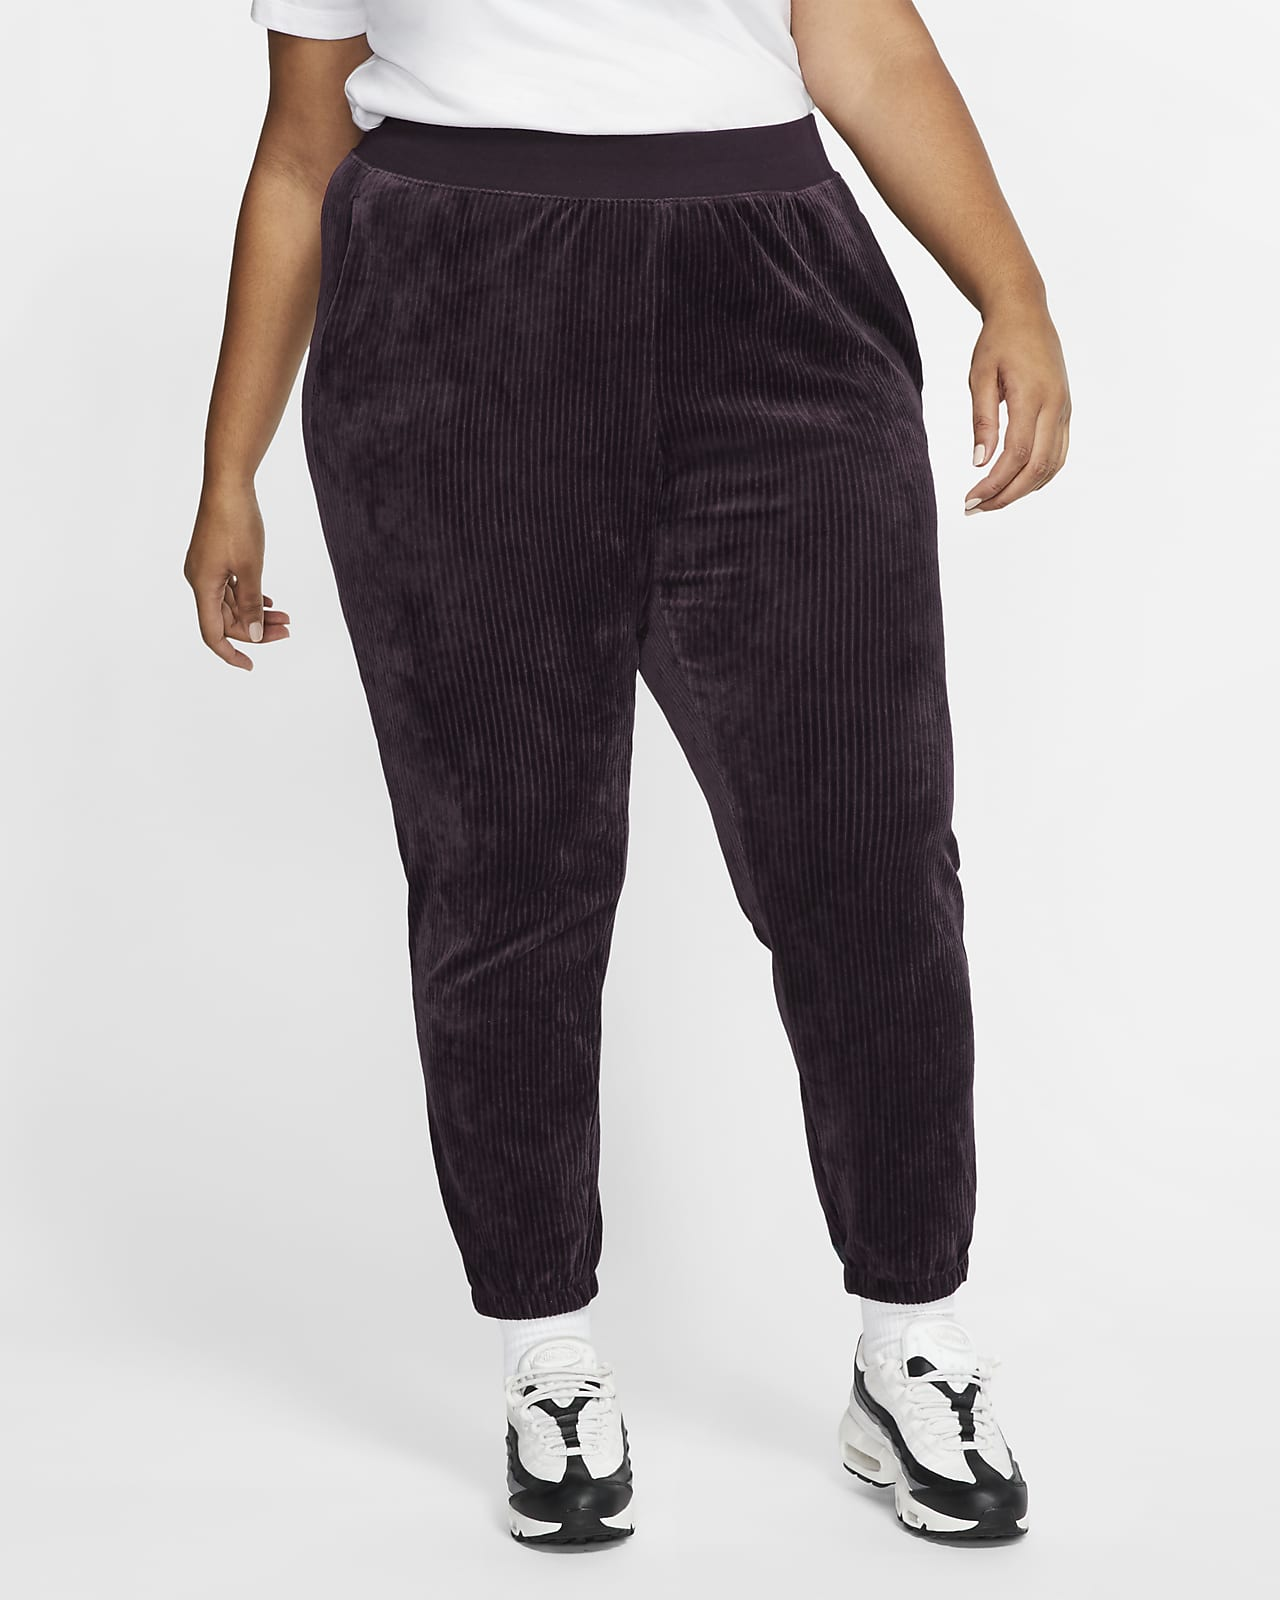 Nike Sportswear Women's Velour Trousers (Plus Size)